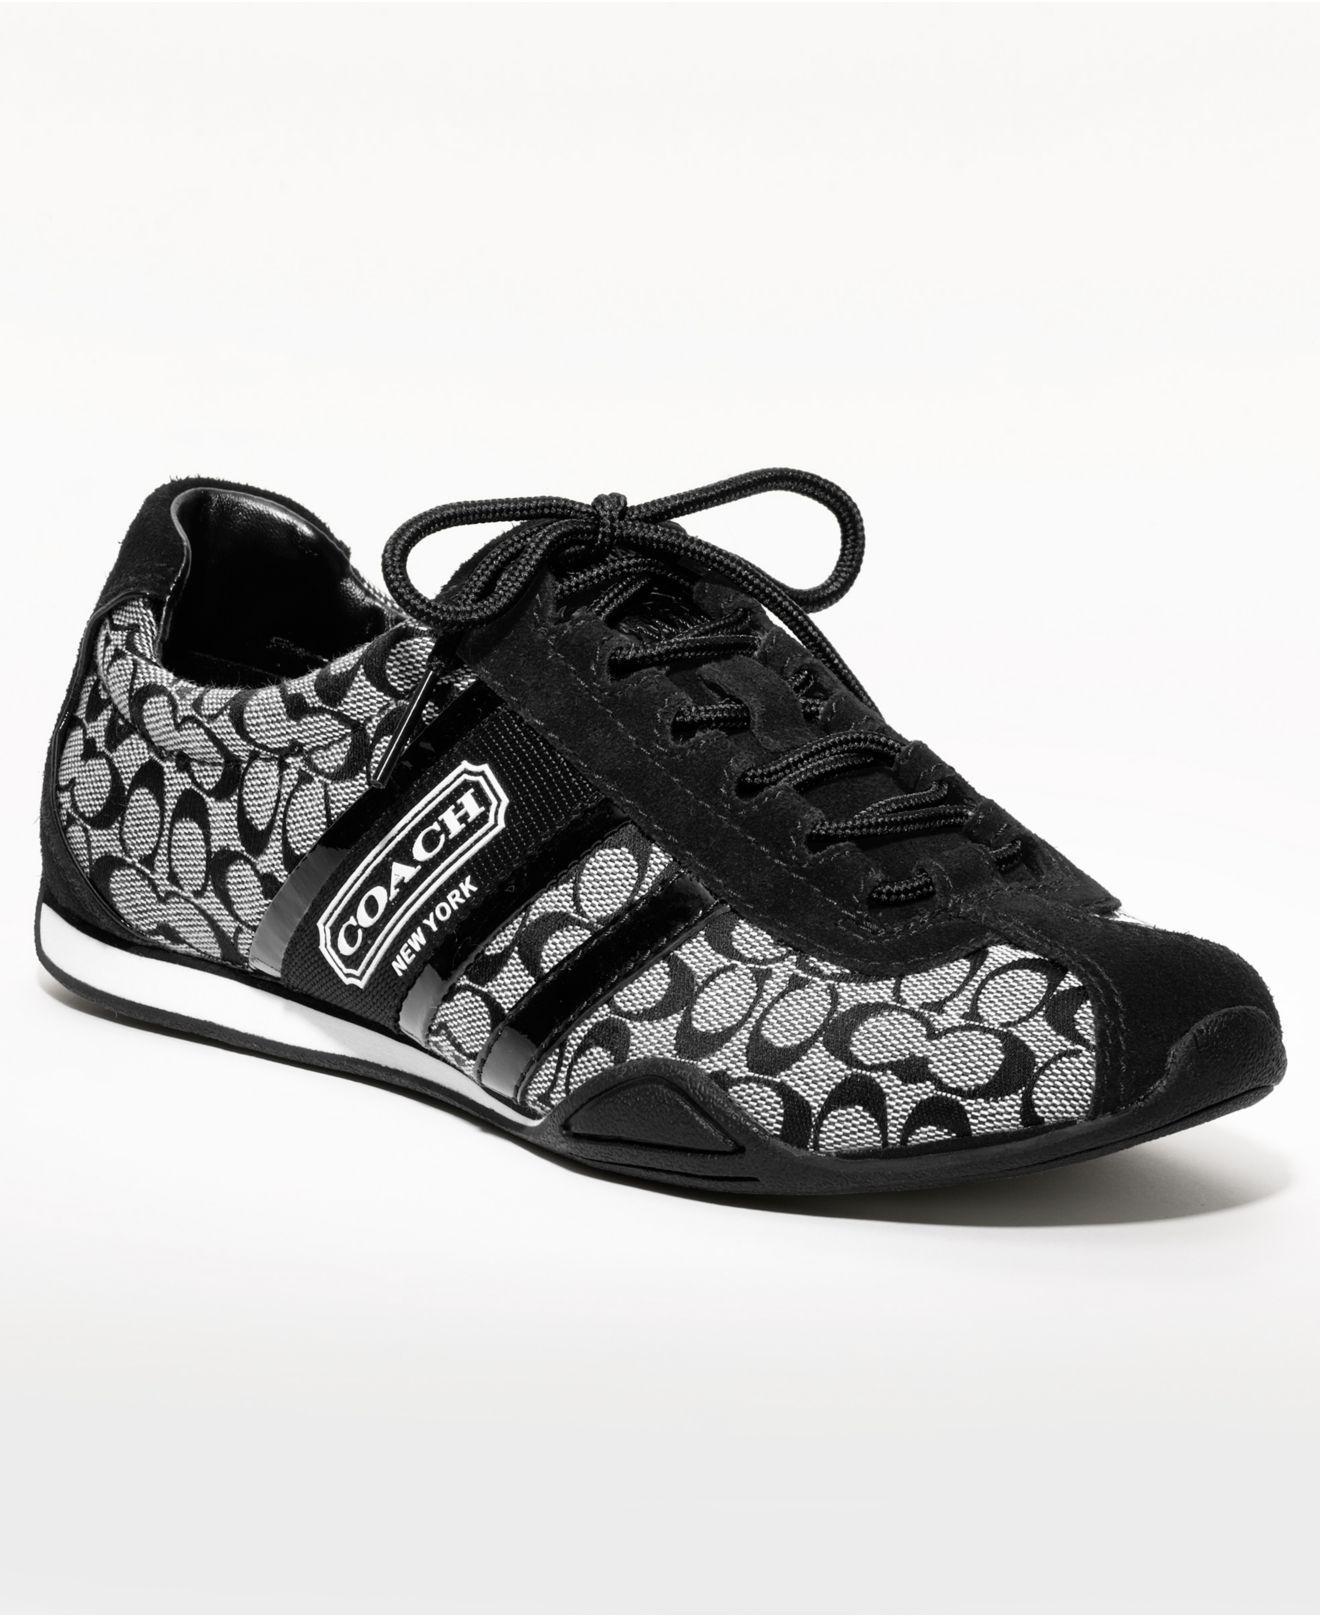 Coach shoes, Cheap coach bags